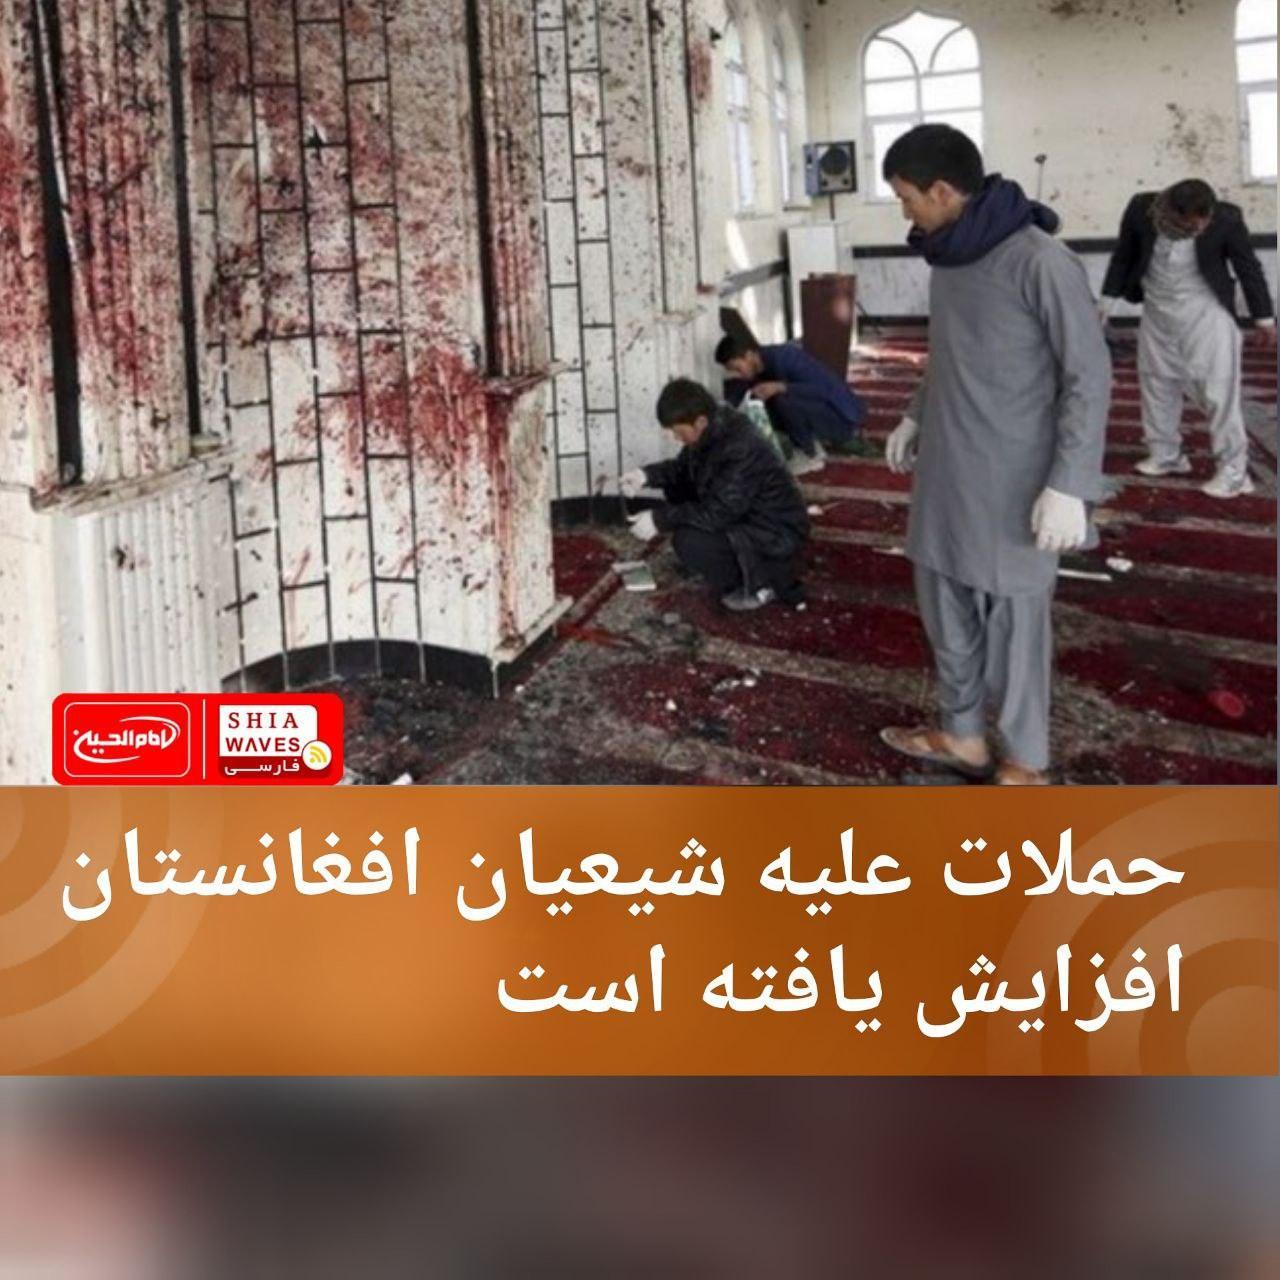 تصویر حملات علیه شیعیان افغانستان افزایش یافته است